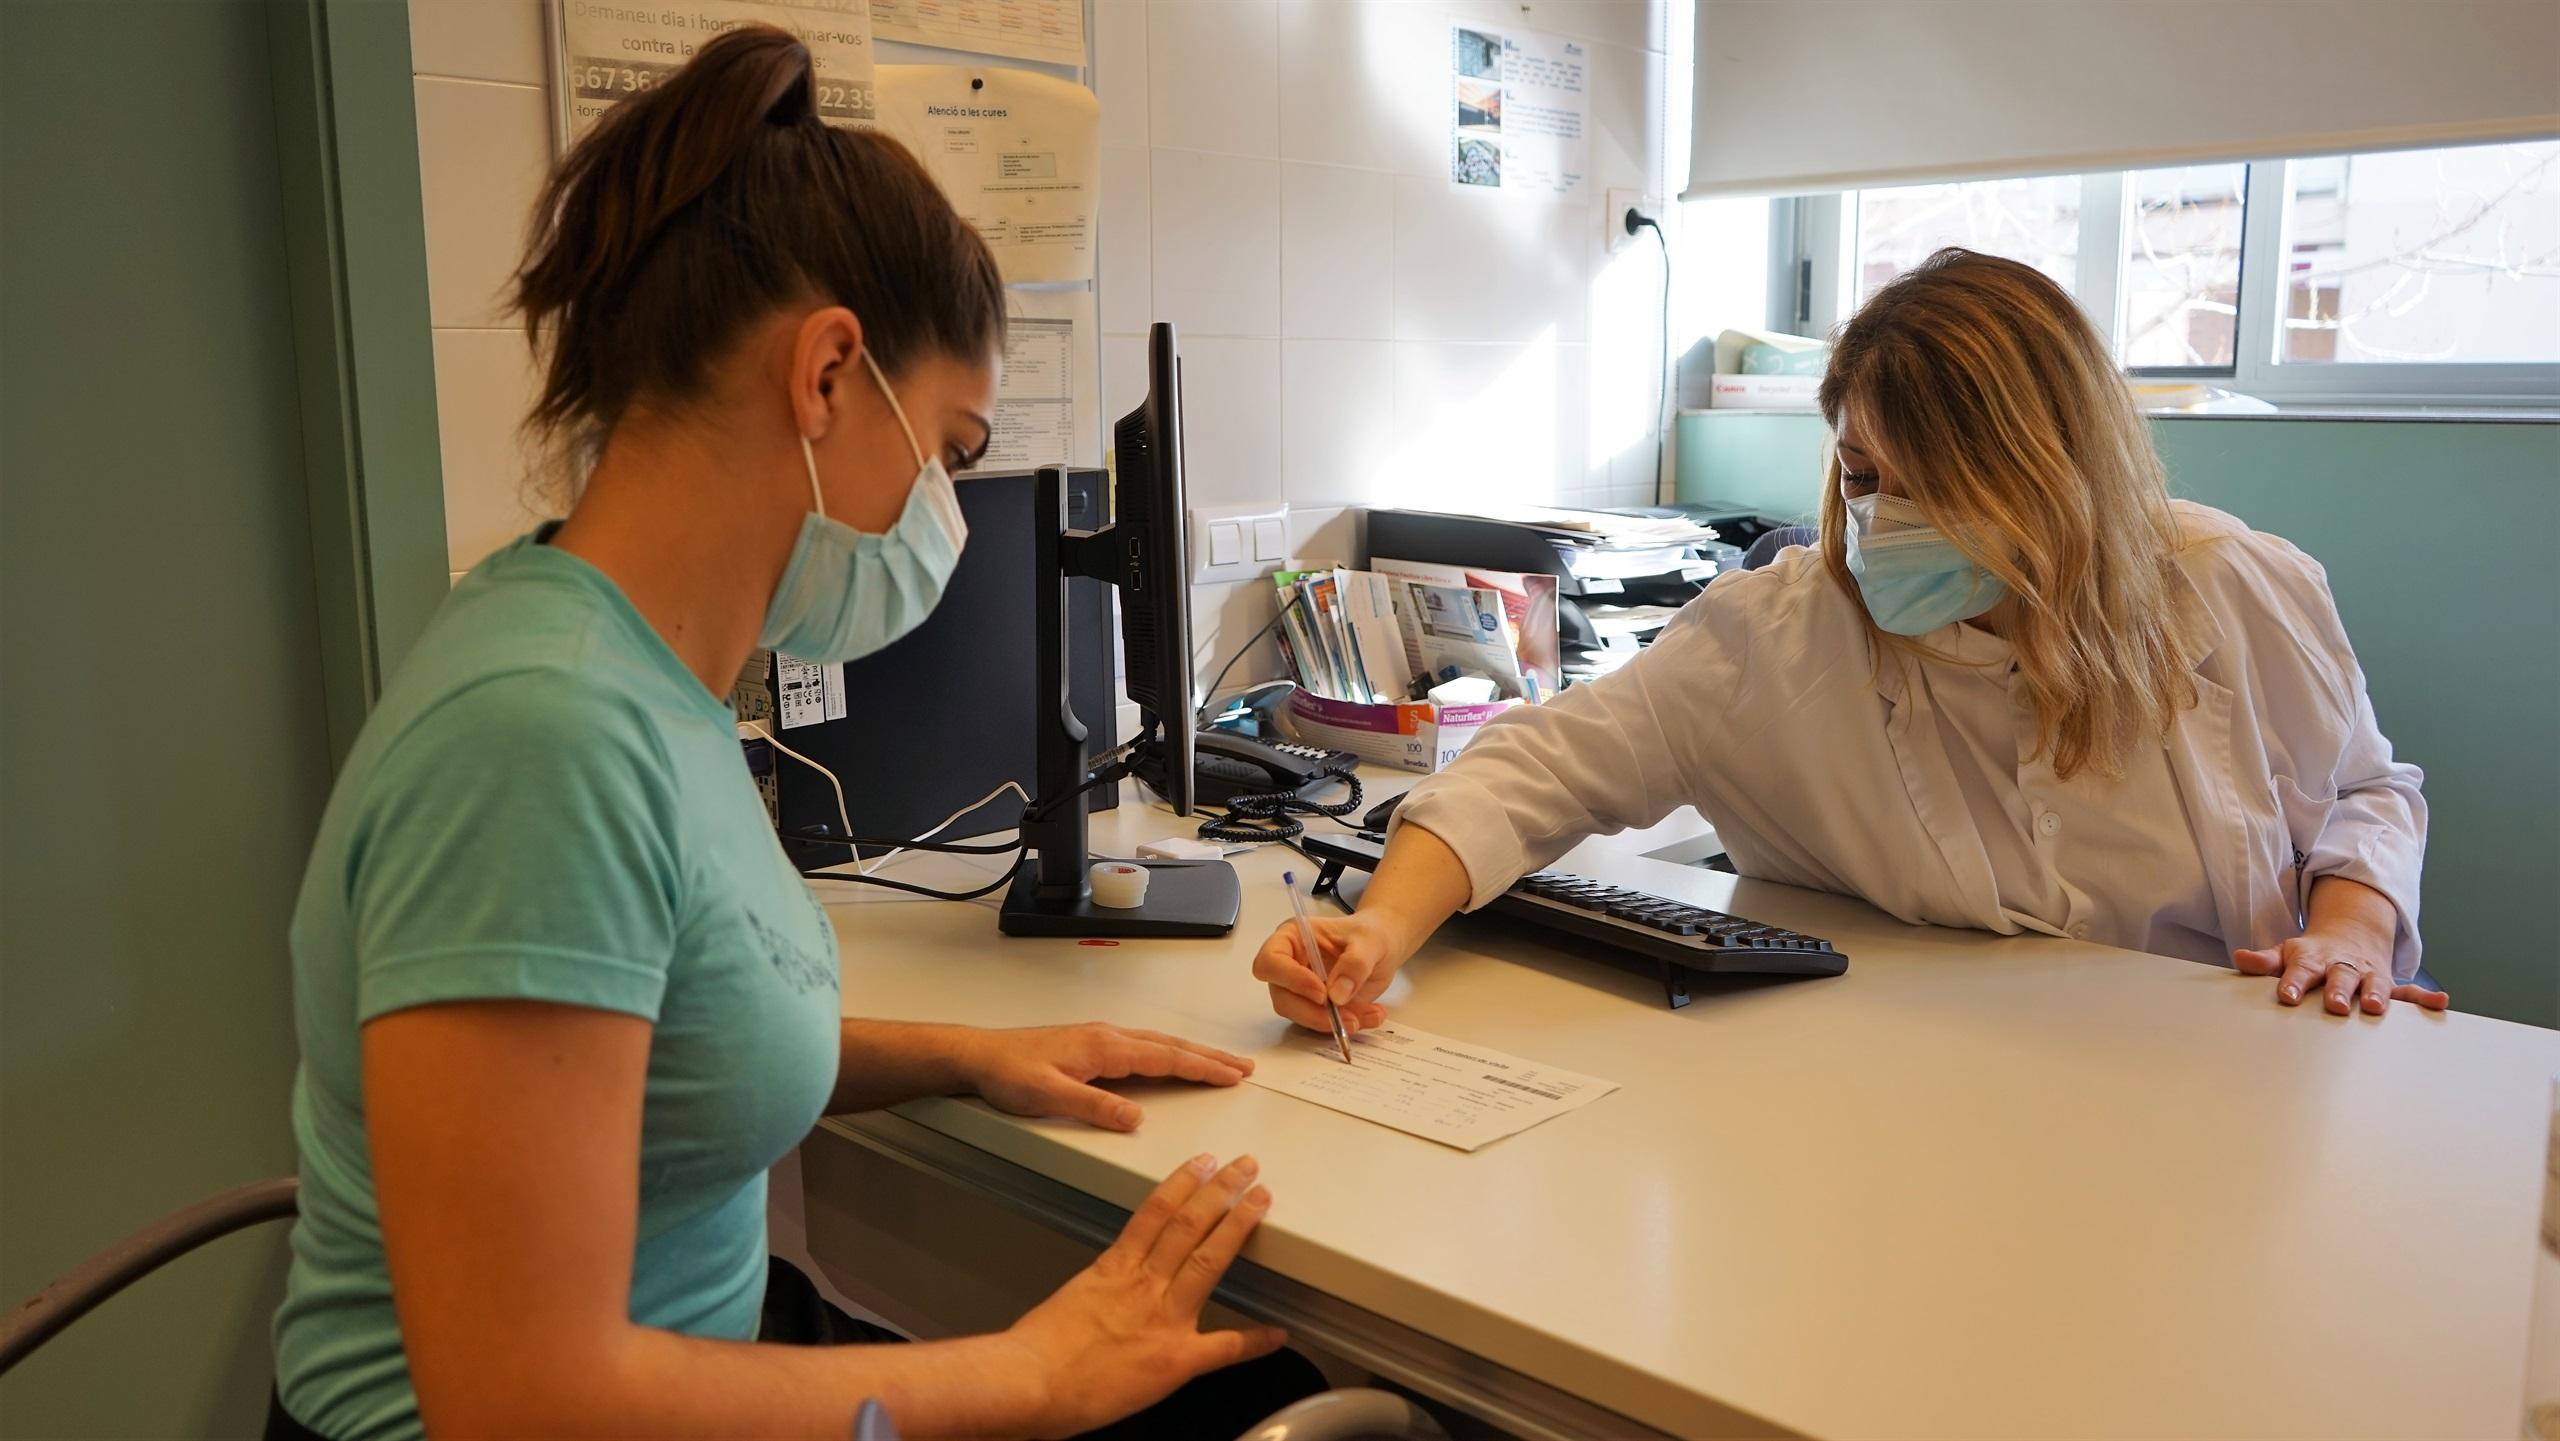 Les infermeres del SISCAT acreditades per prescriure s'han d'adreçar al seu centre de treball per sol·licitar la targeta per emetre receptes electròniques